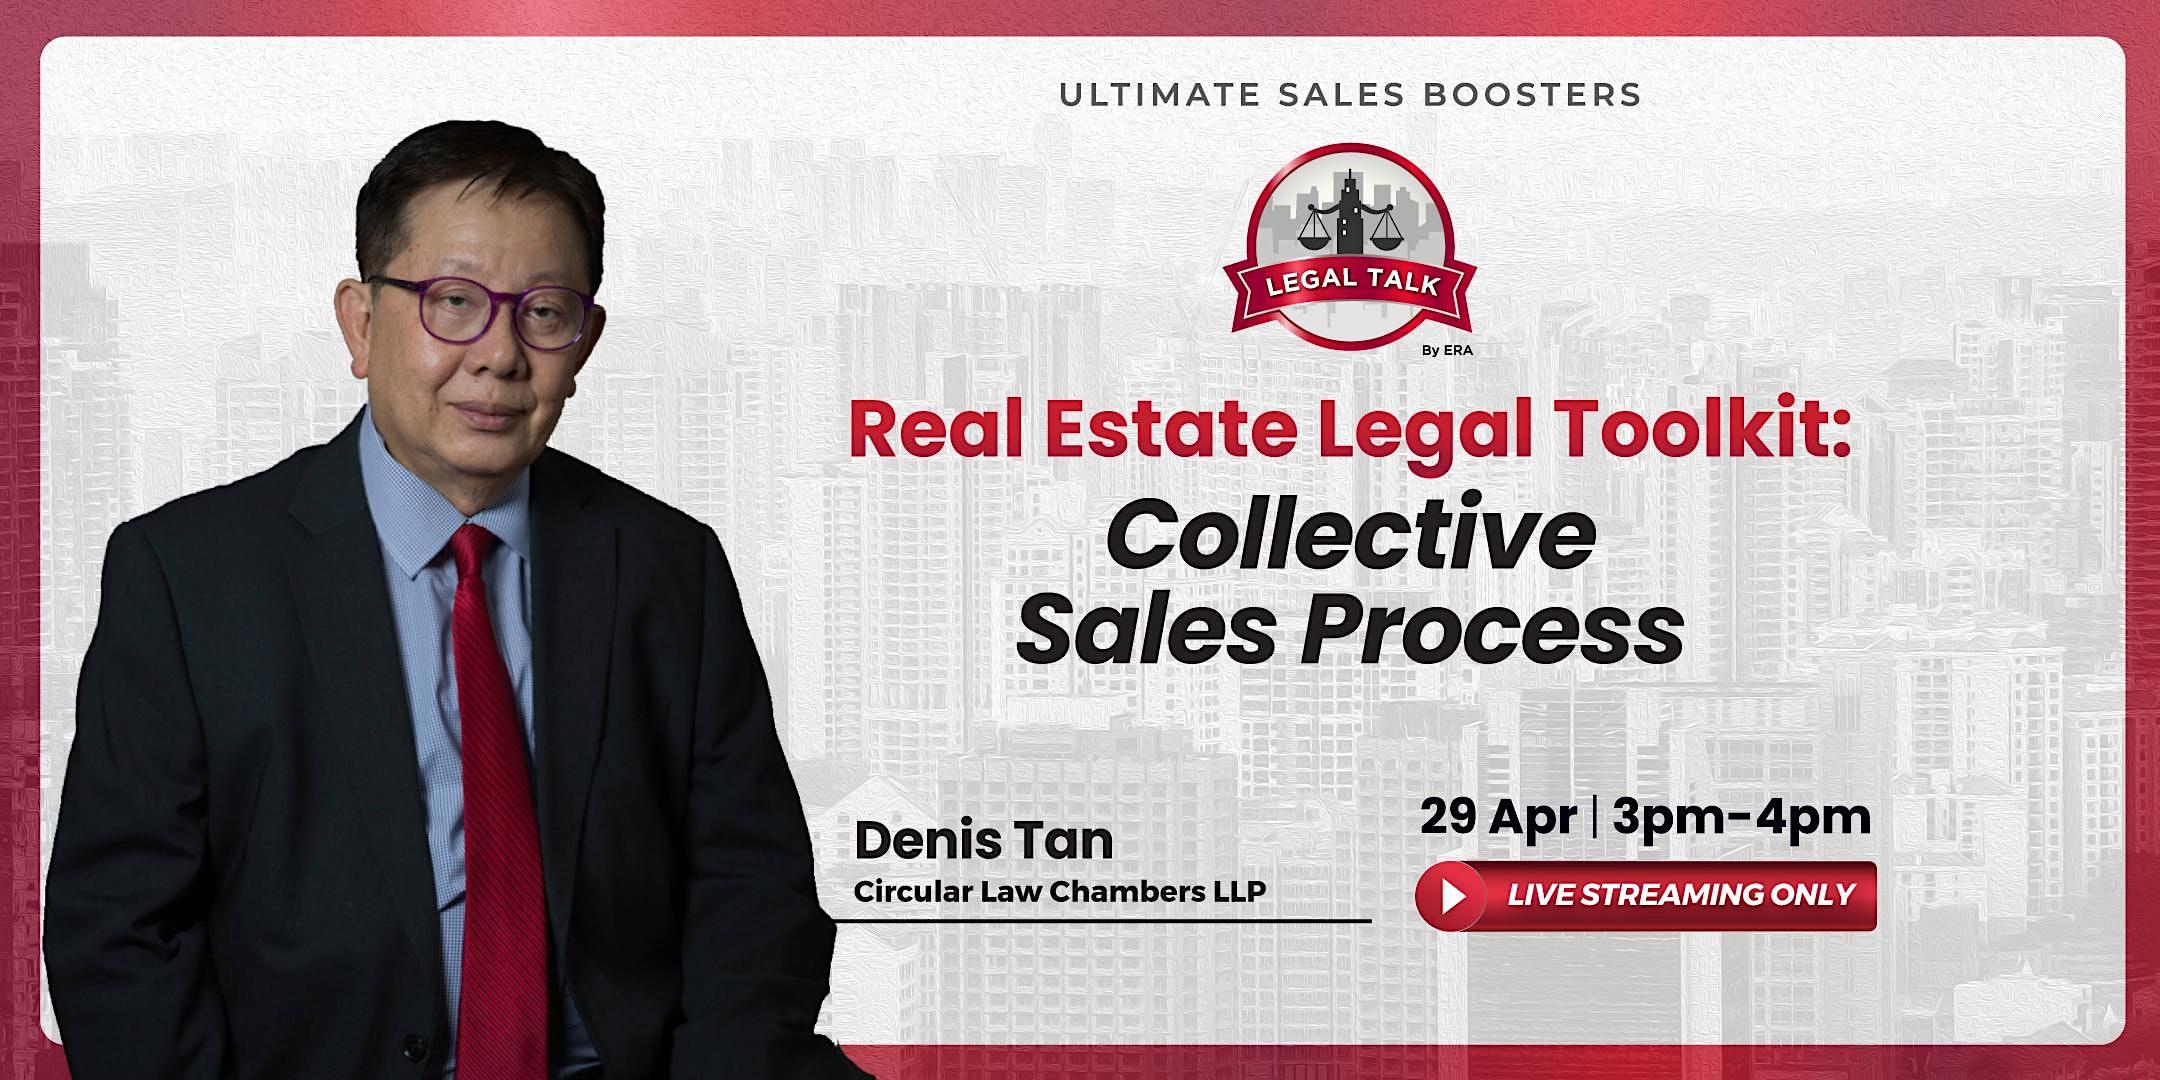 Legal Talk